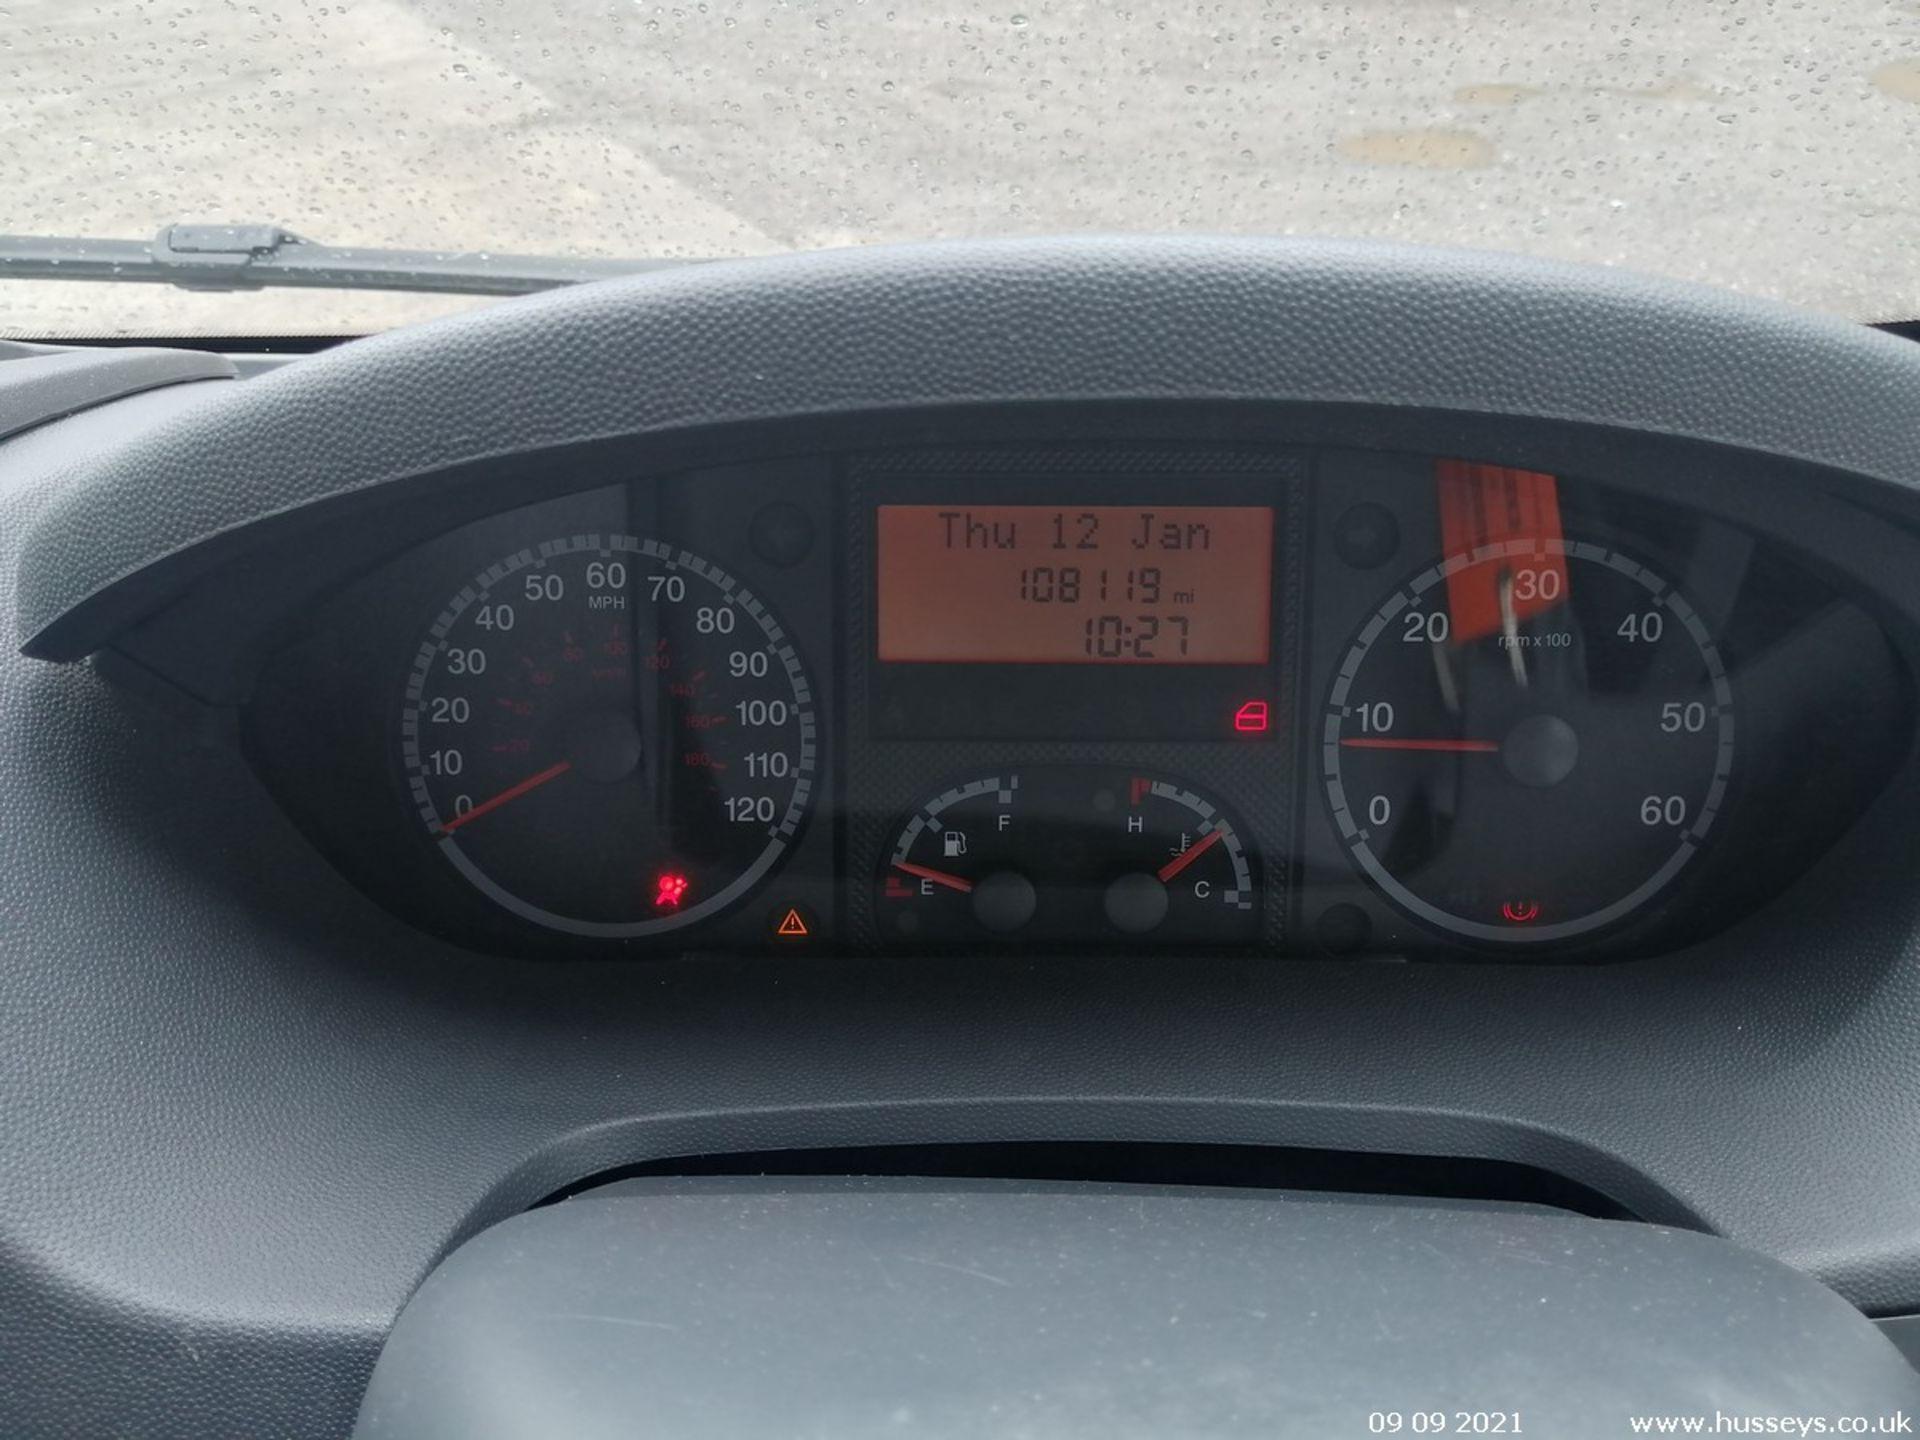 11/61 FIAT DUCATO 35 MAXI160 M-J LWB - 2999cc 5dr Van (White, 108k) - Image 11 of 12